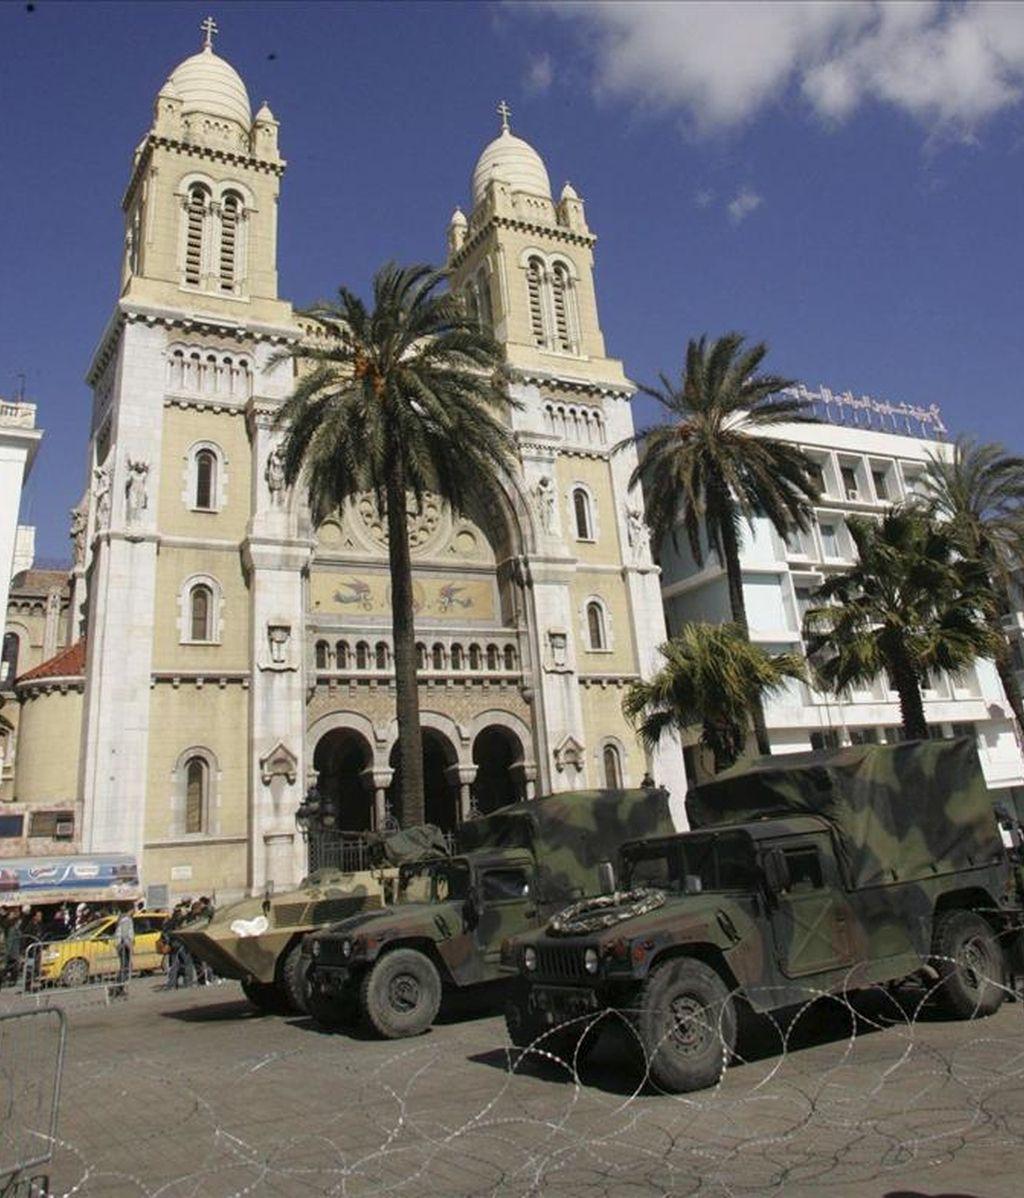 Vehículos militares custodian la catedral de Túnez durante durante una manifestación convocada para pedir un Túnez laico. EFE/Archivo